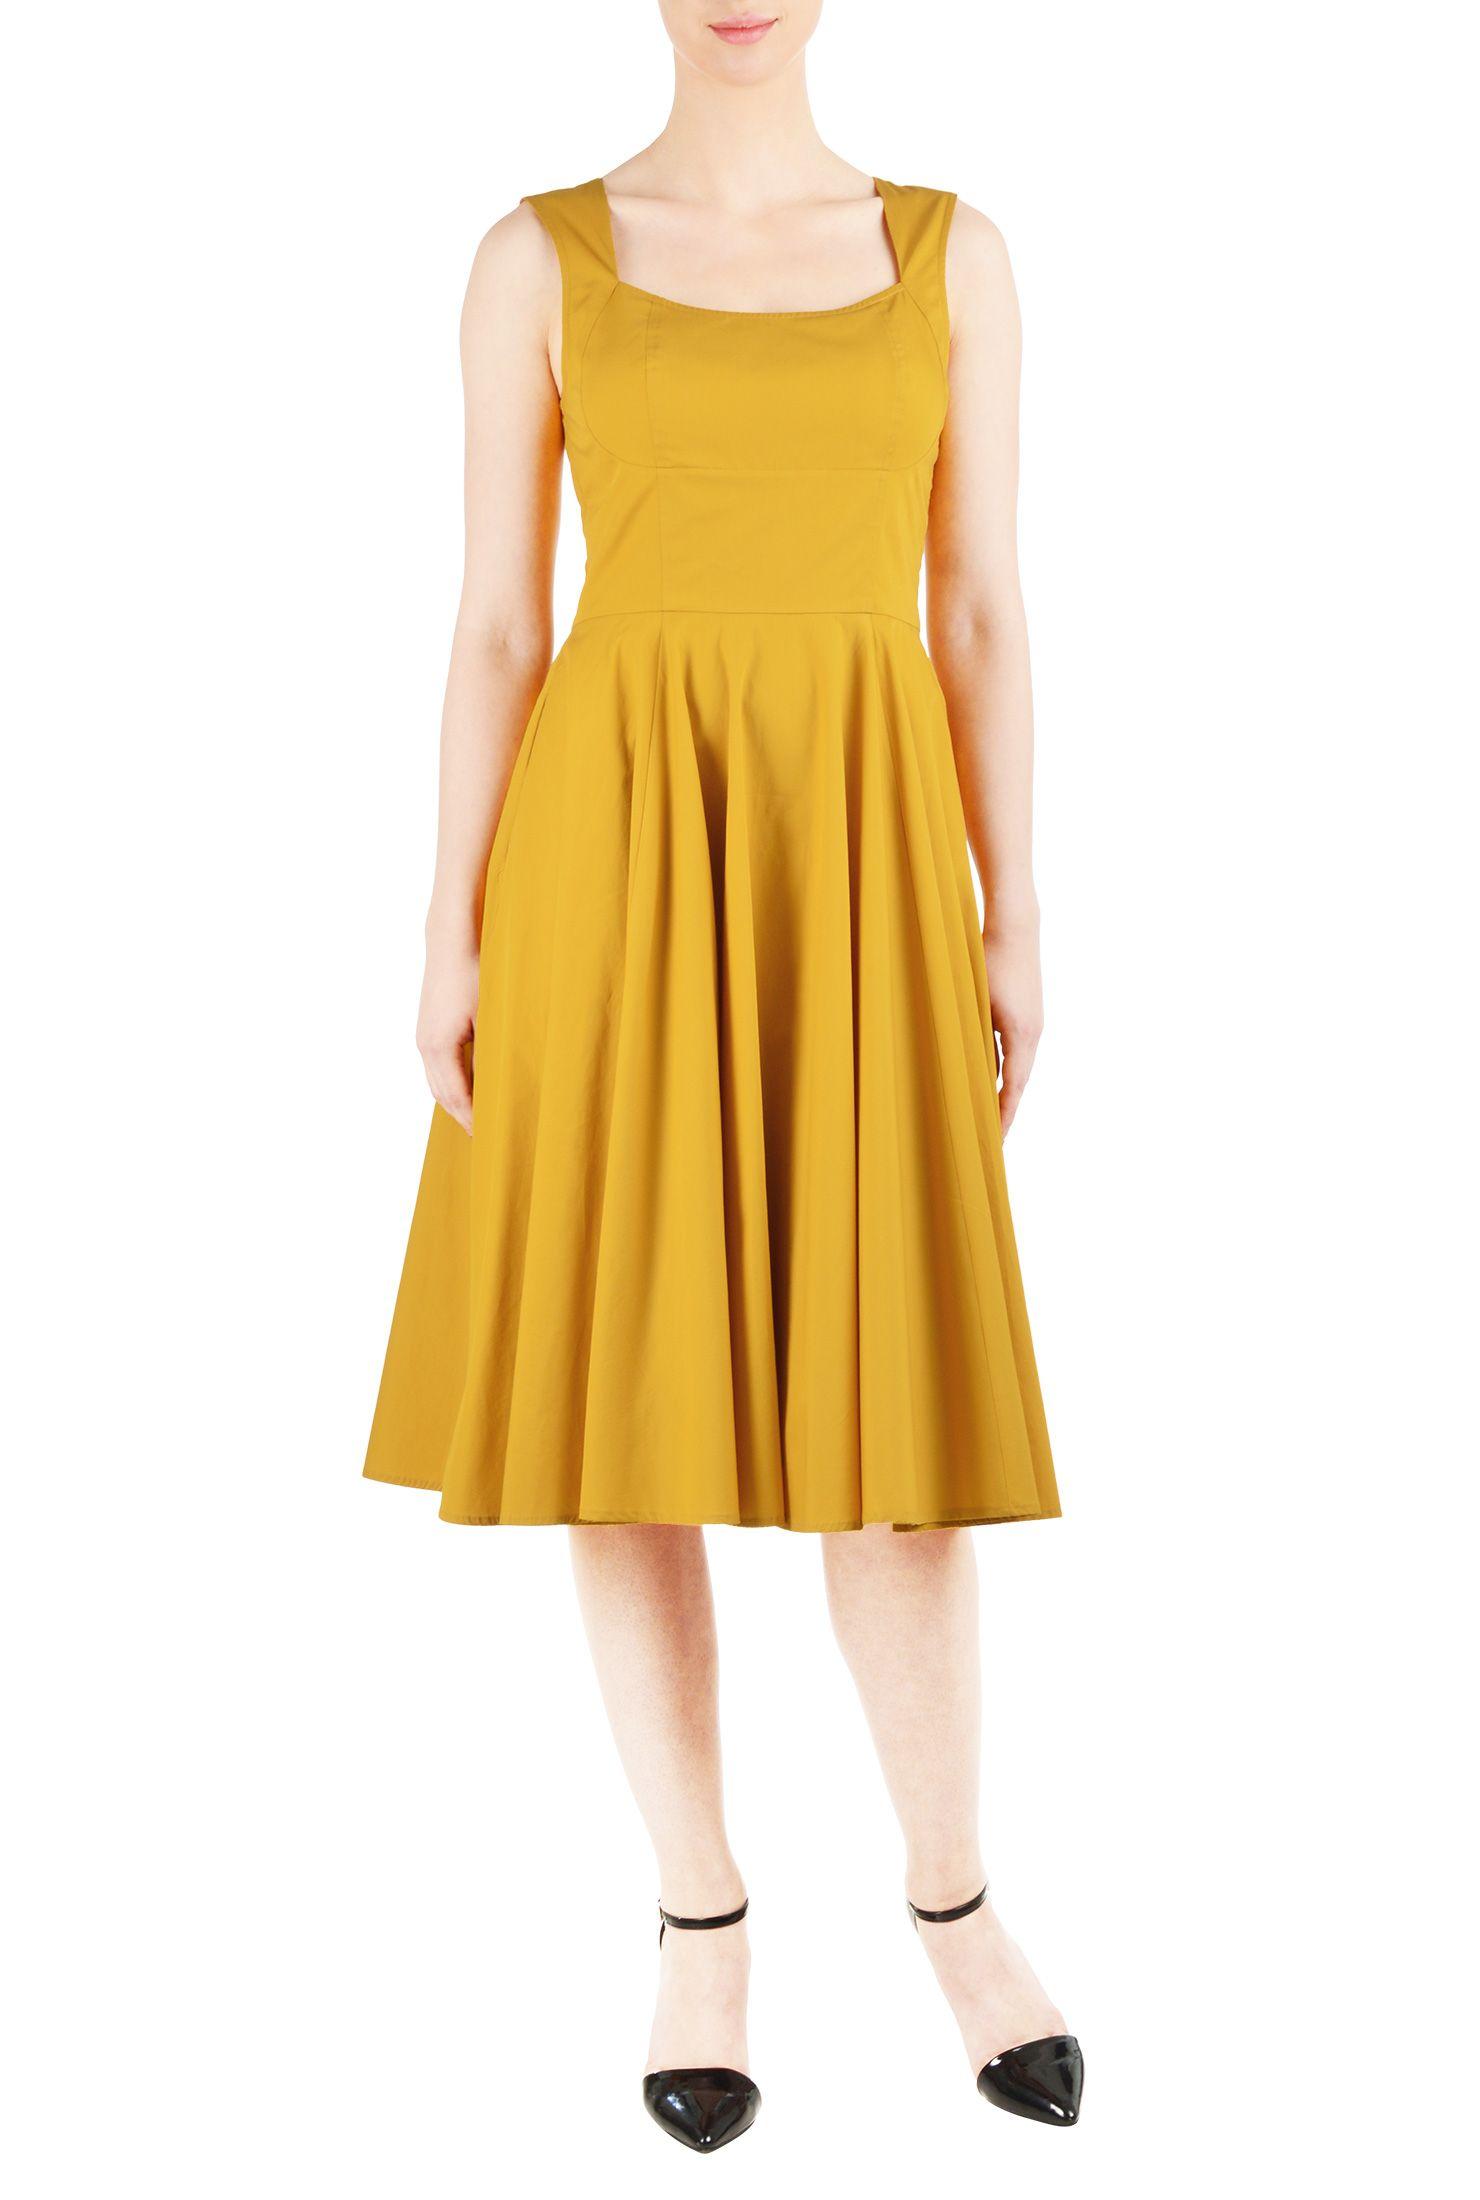 Eshakti womenus amelia dress things to buy pinterest custom